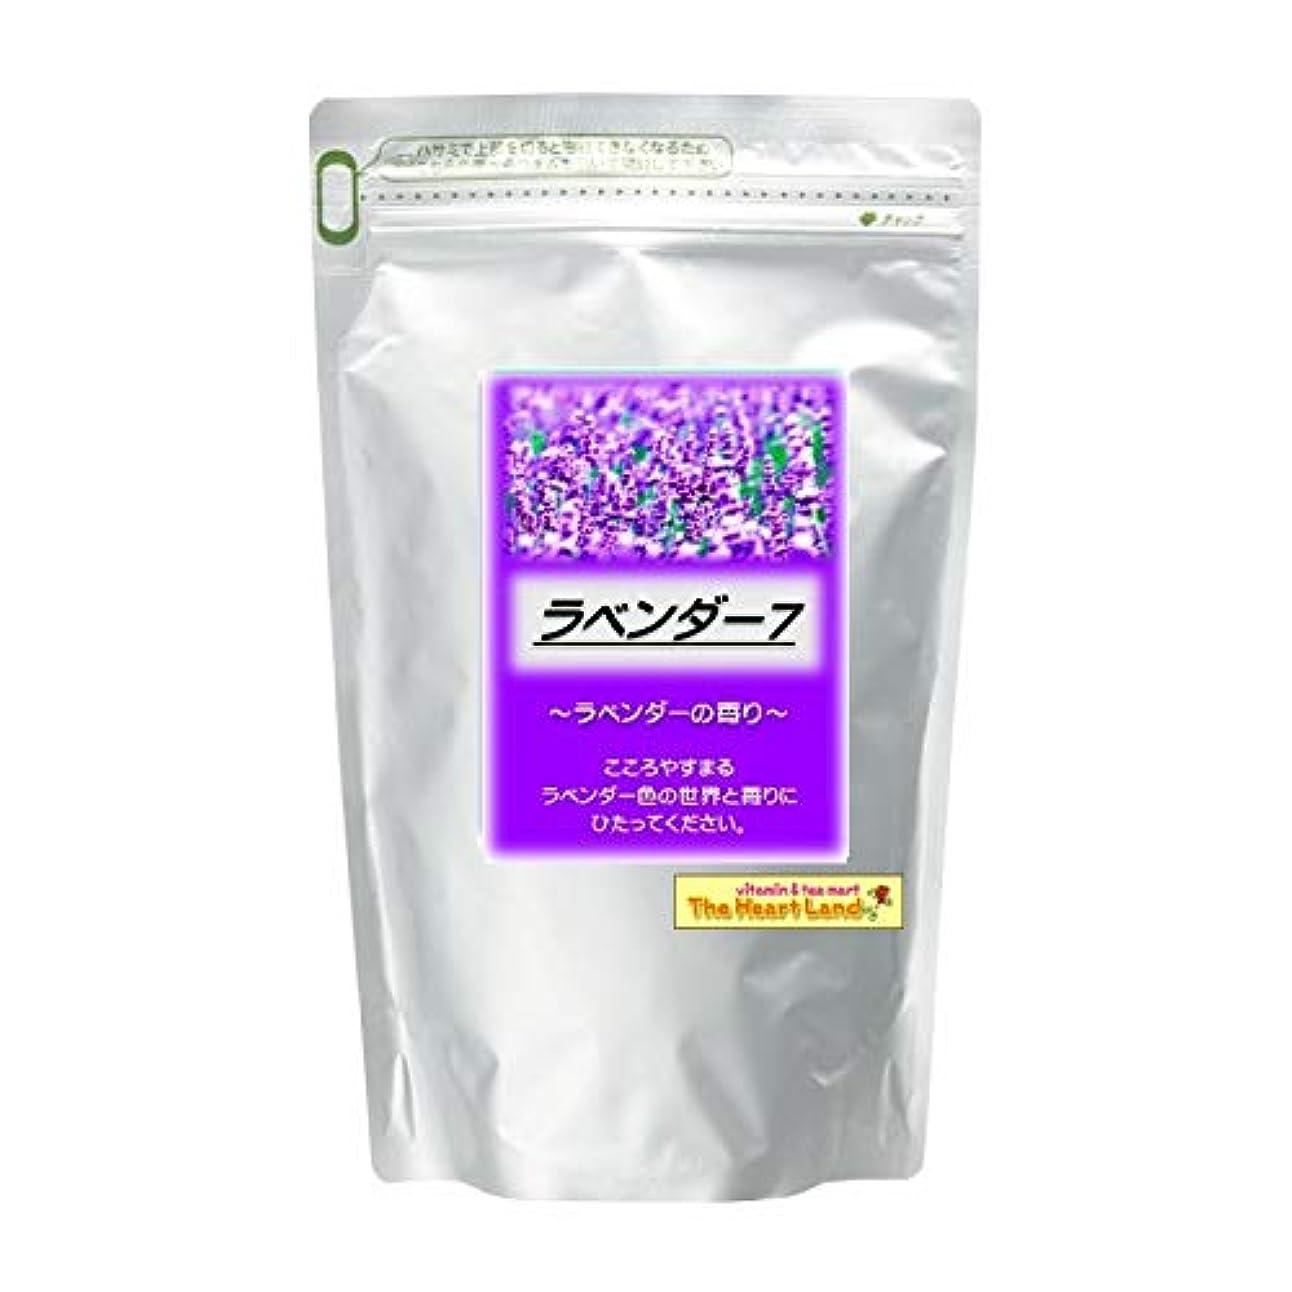 アサヒ入浴剤 浴用入浴化粧品 ラベンダー7 300g